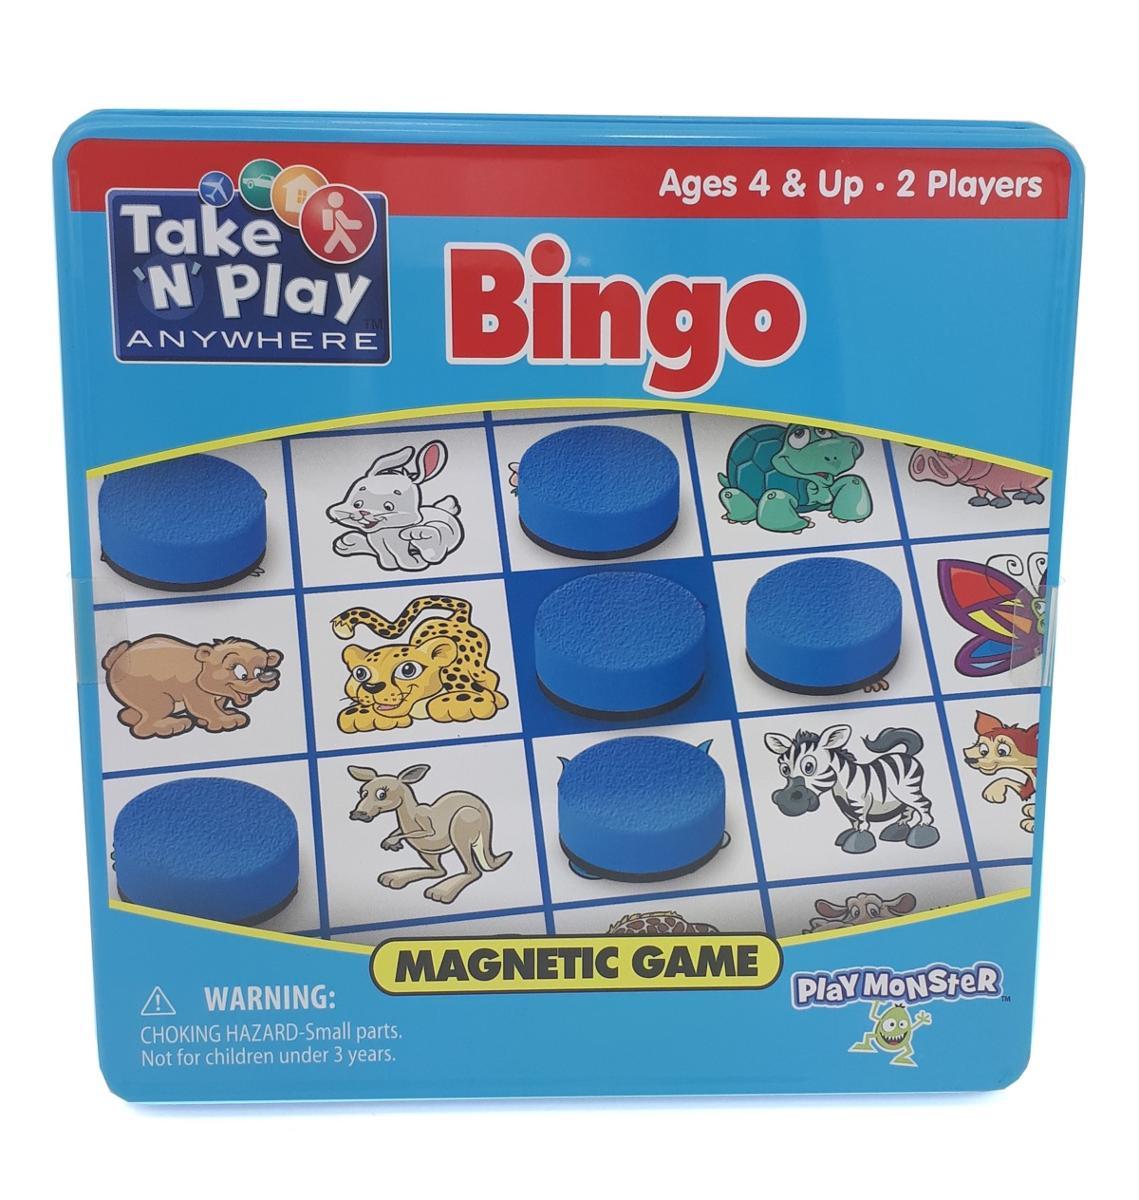 Take N Play Anywhere Magnetic Game - Bingo